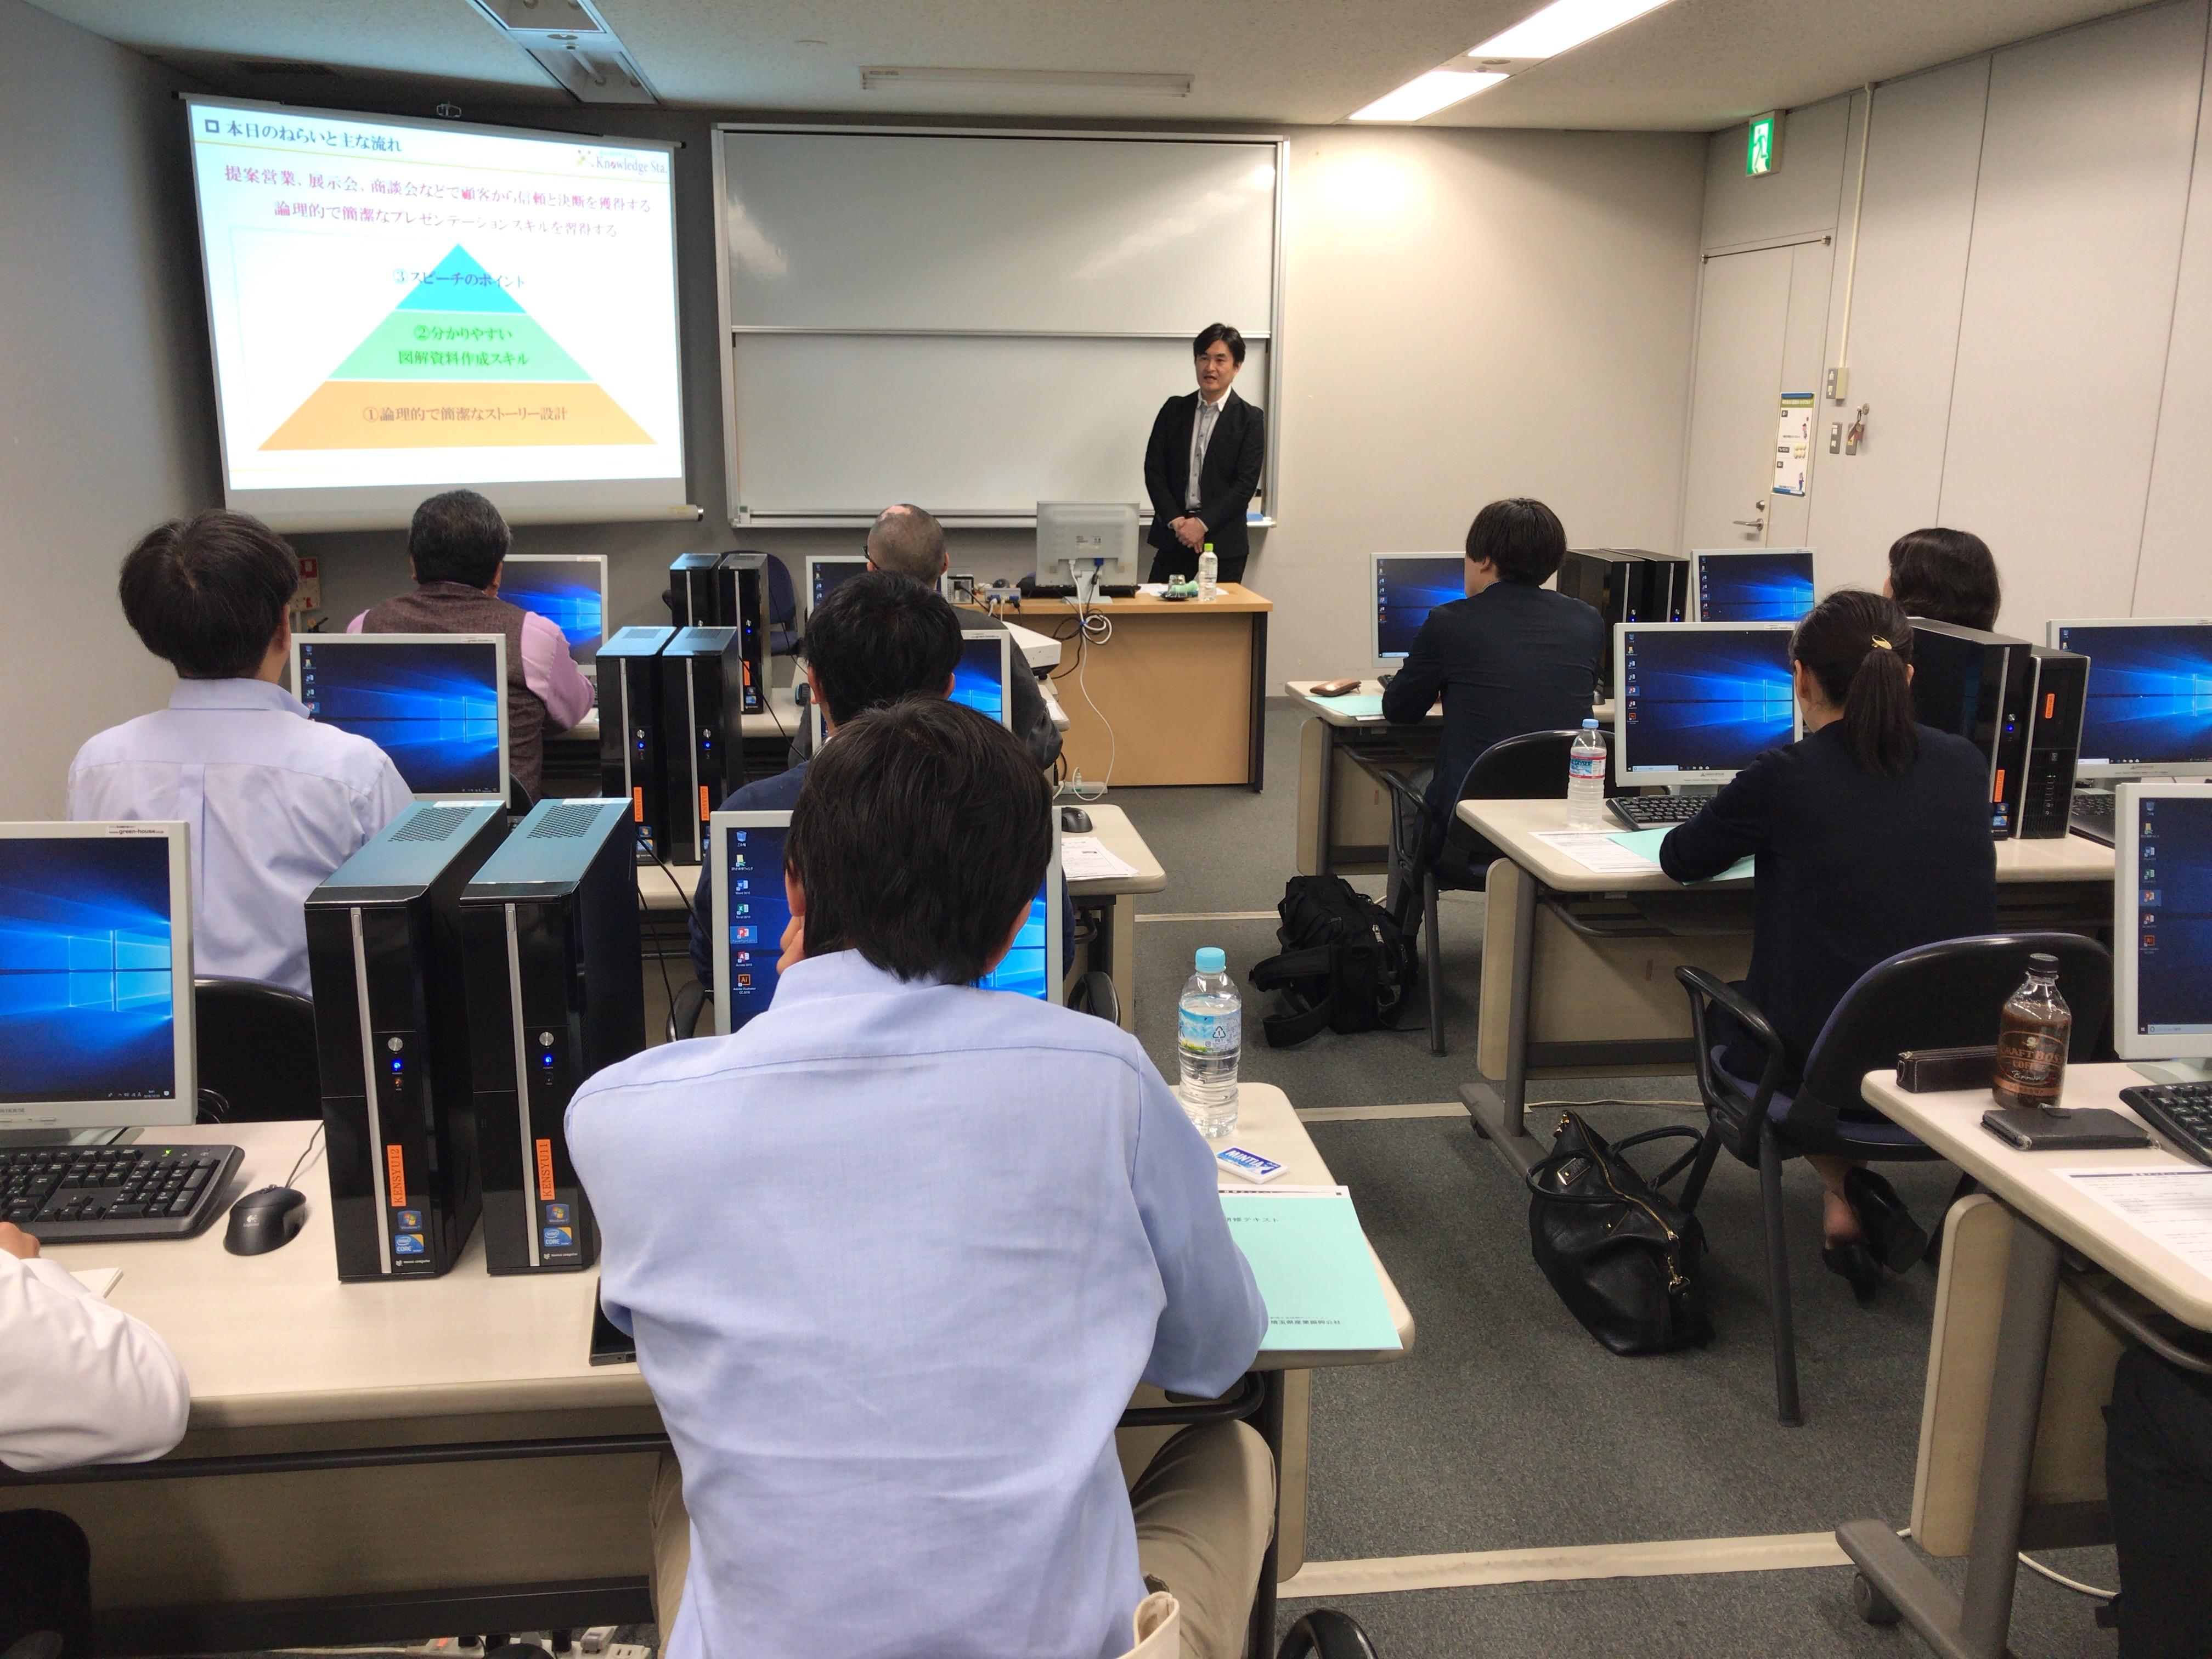 【大宮】PowerPointプレゼンテクニック実践講座画像01